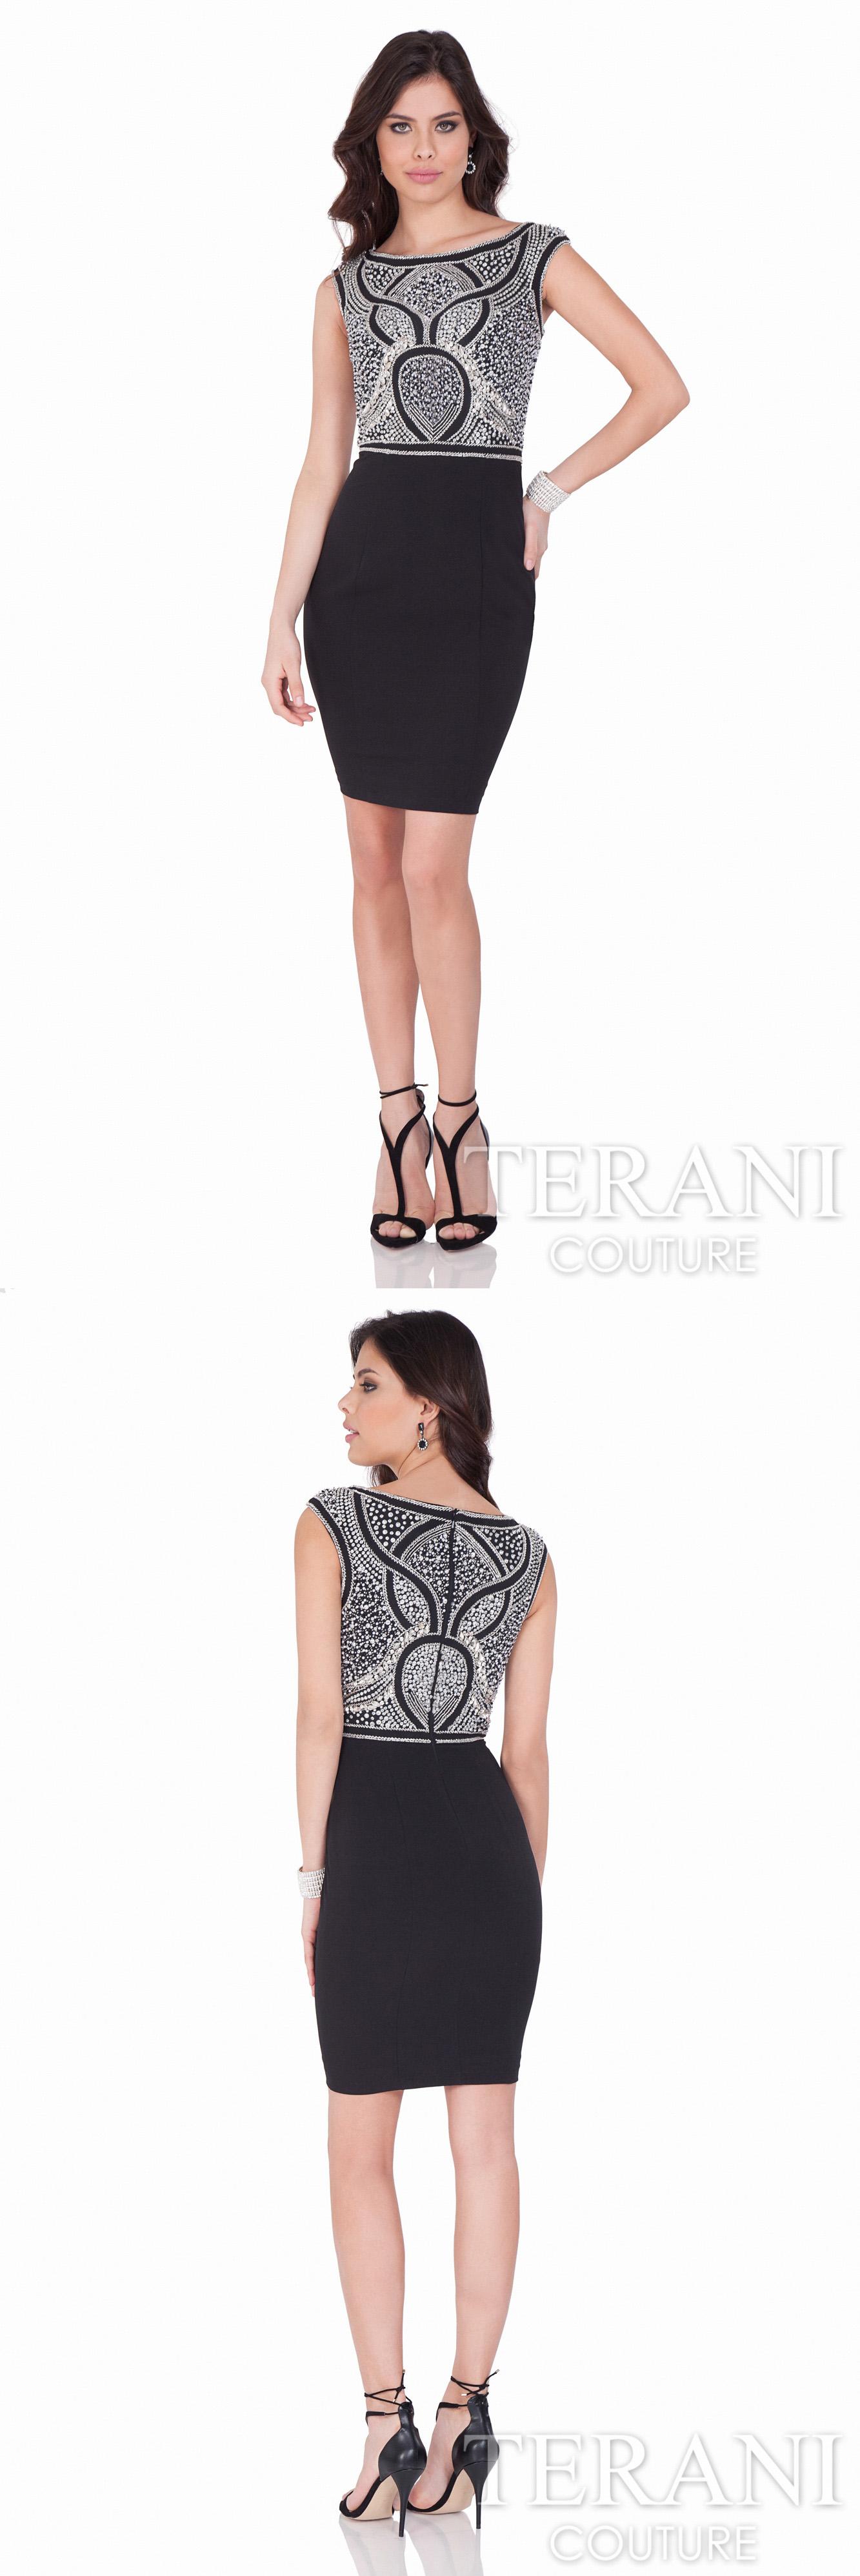 Schön Terani Couture Cocktailkleid Zeitgenössisch - Brautkleider ...